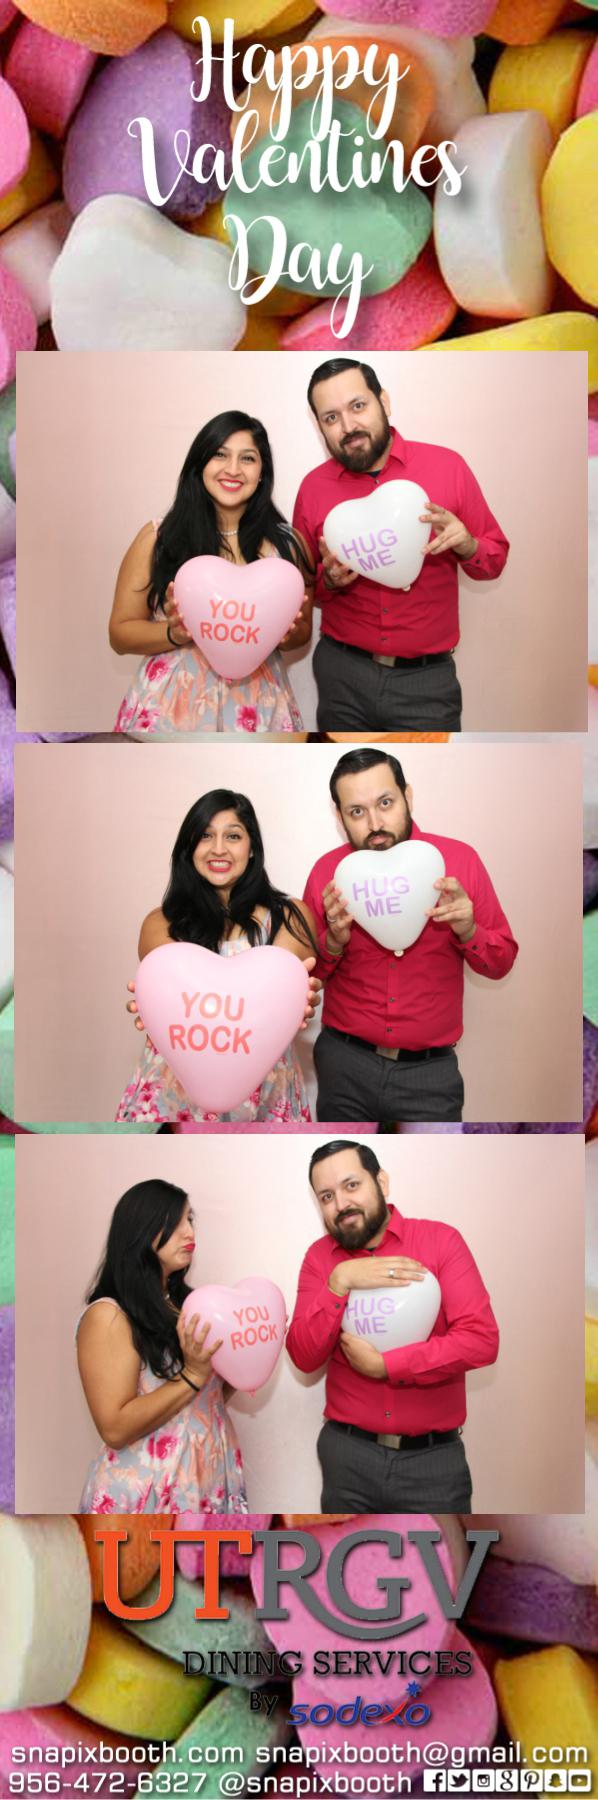 UTRGV Valentine's Day